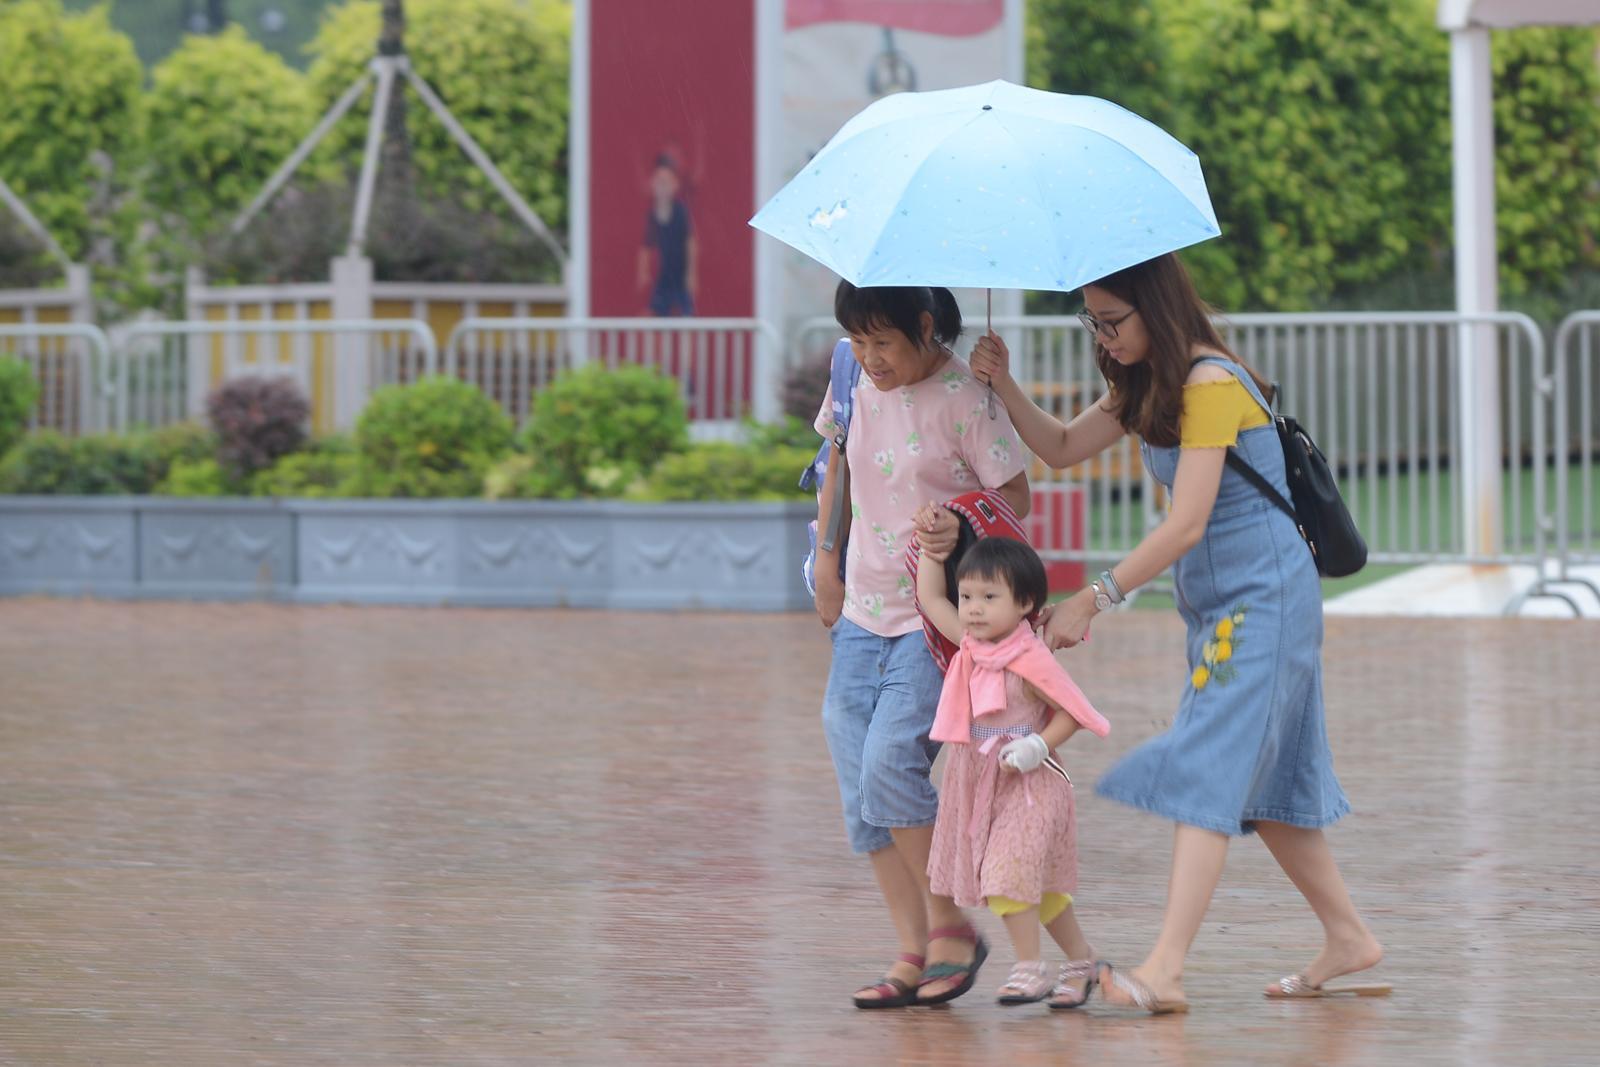 有骤雨及几阵狂风雷暴 最高温约29度